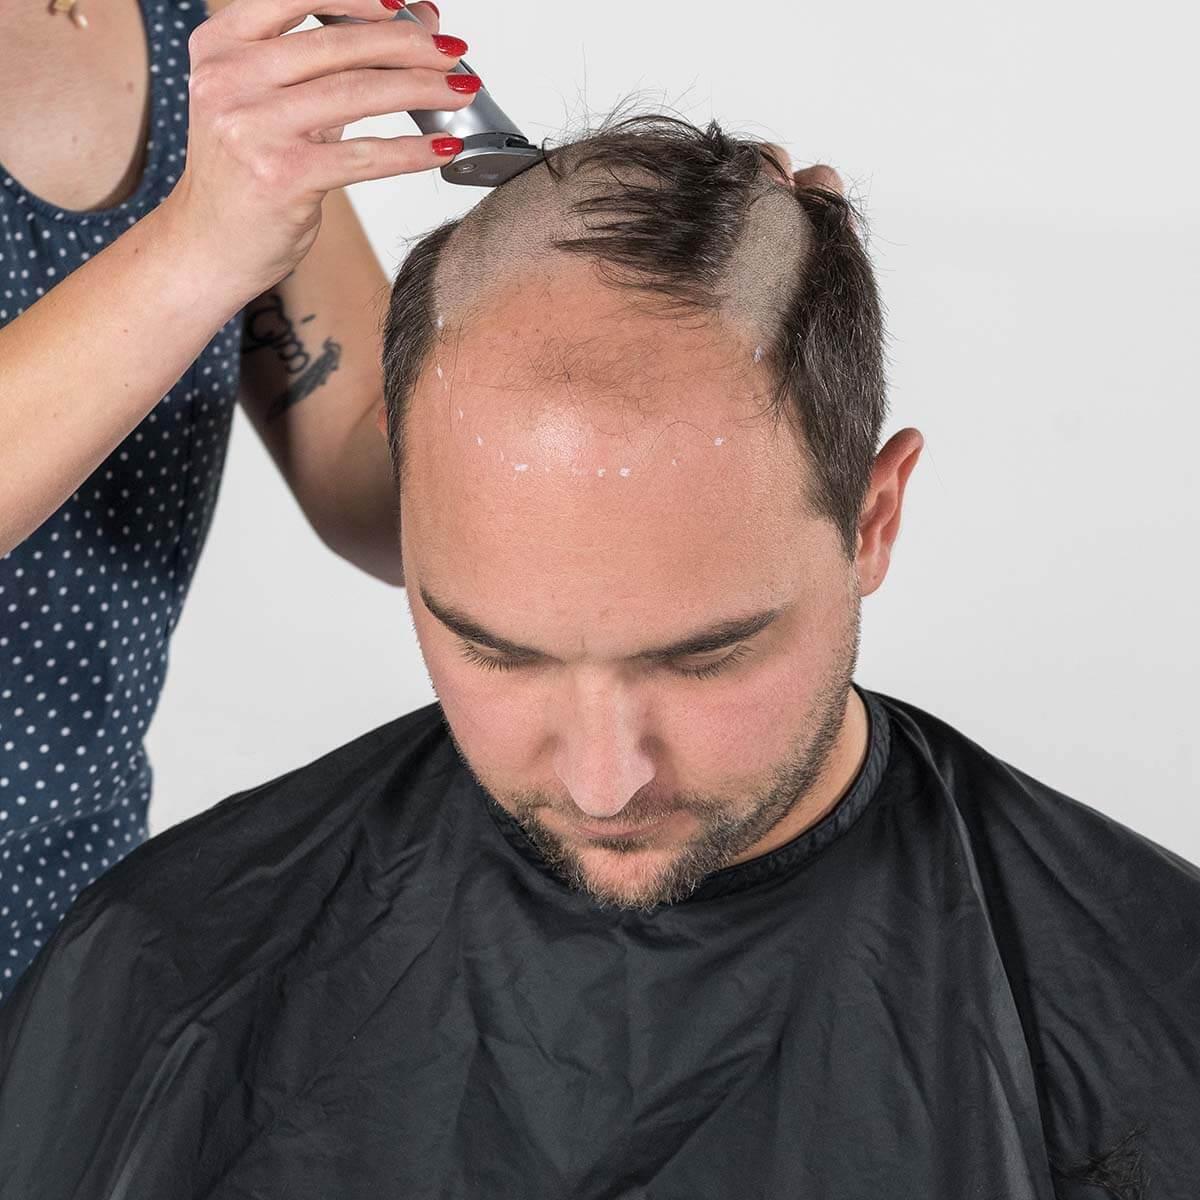 Abrasieren der Haare an den gekennzeichneten Stellen